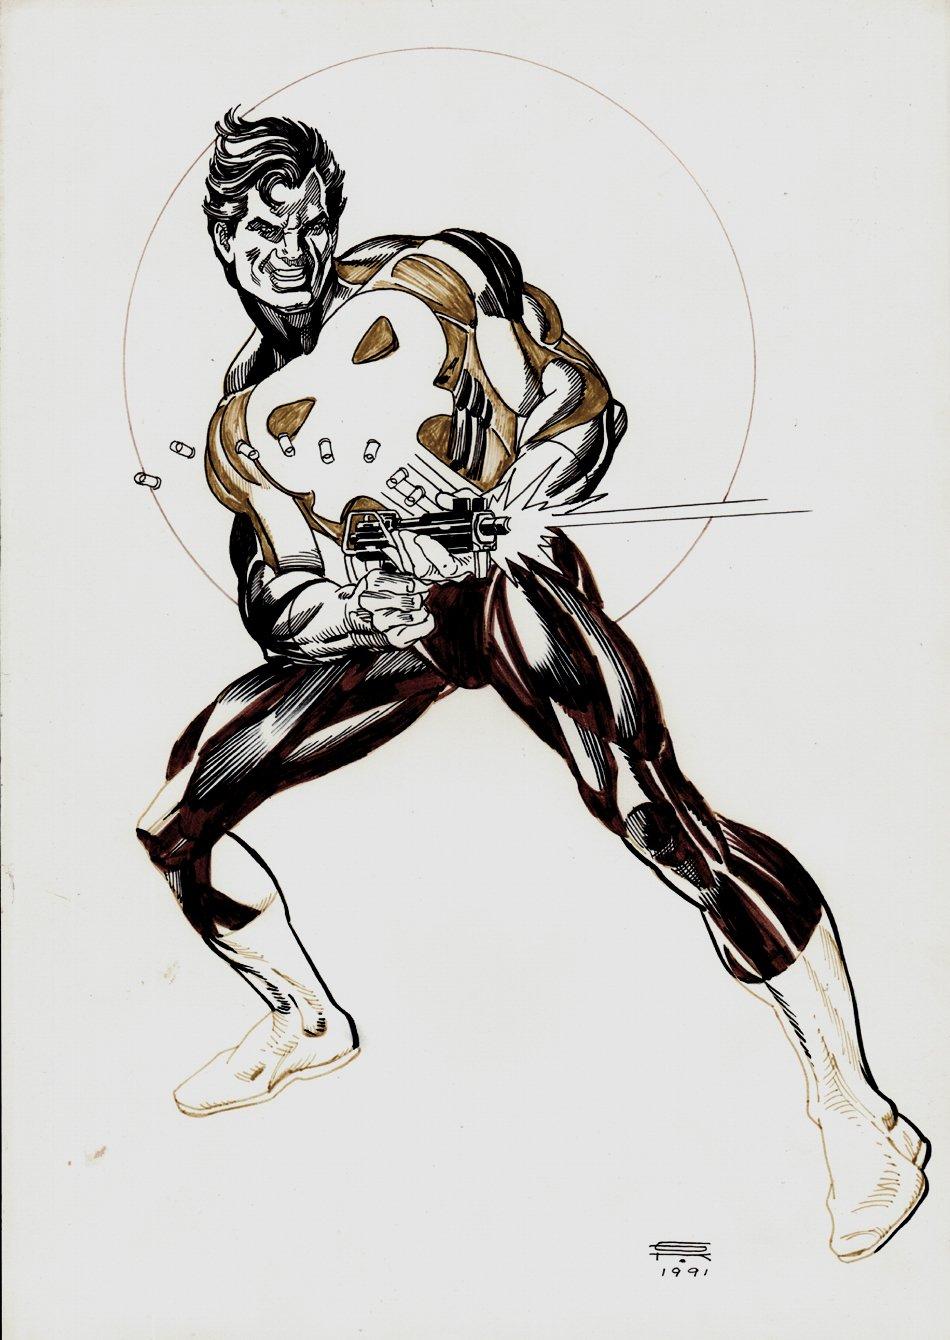 Punisher Detailed Pinup (1991)